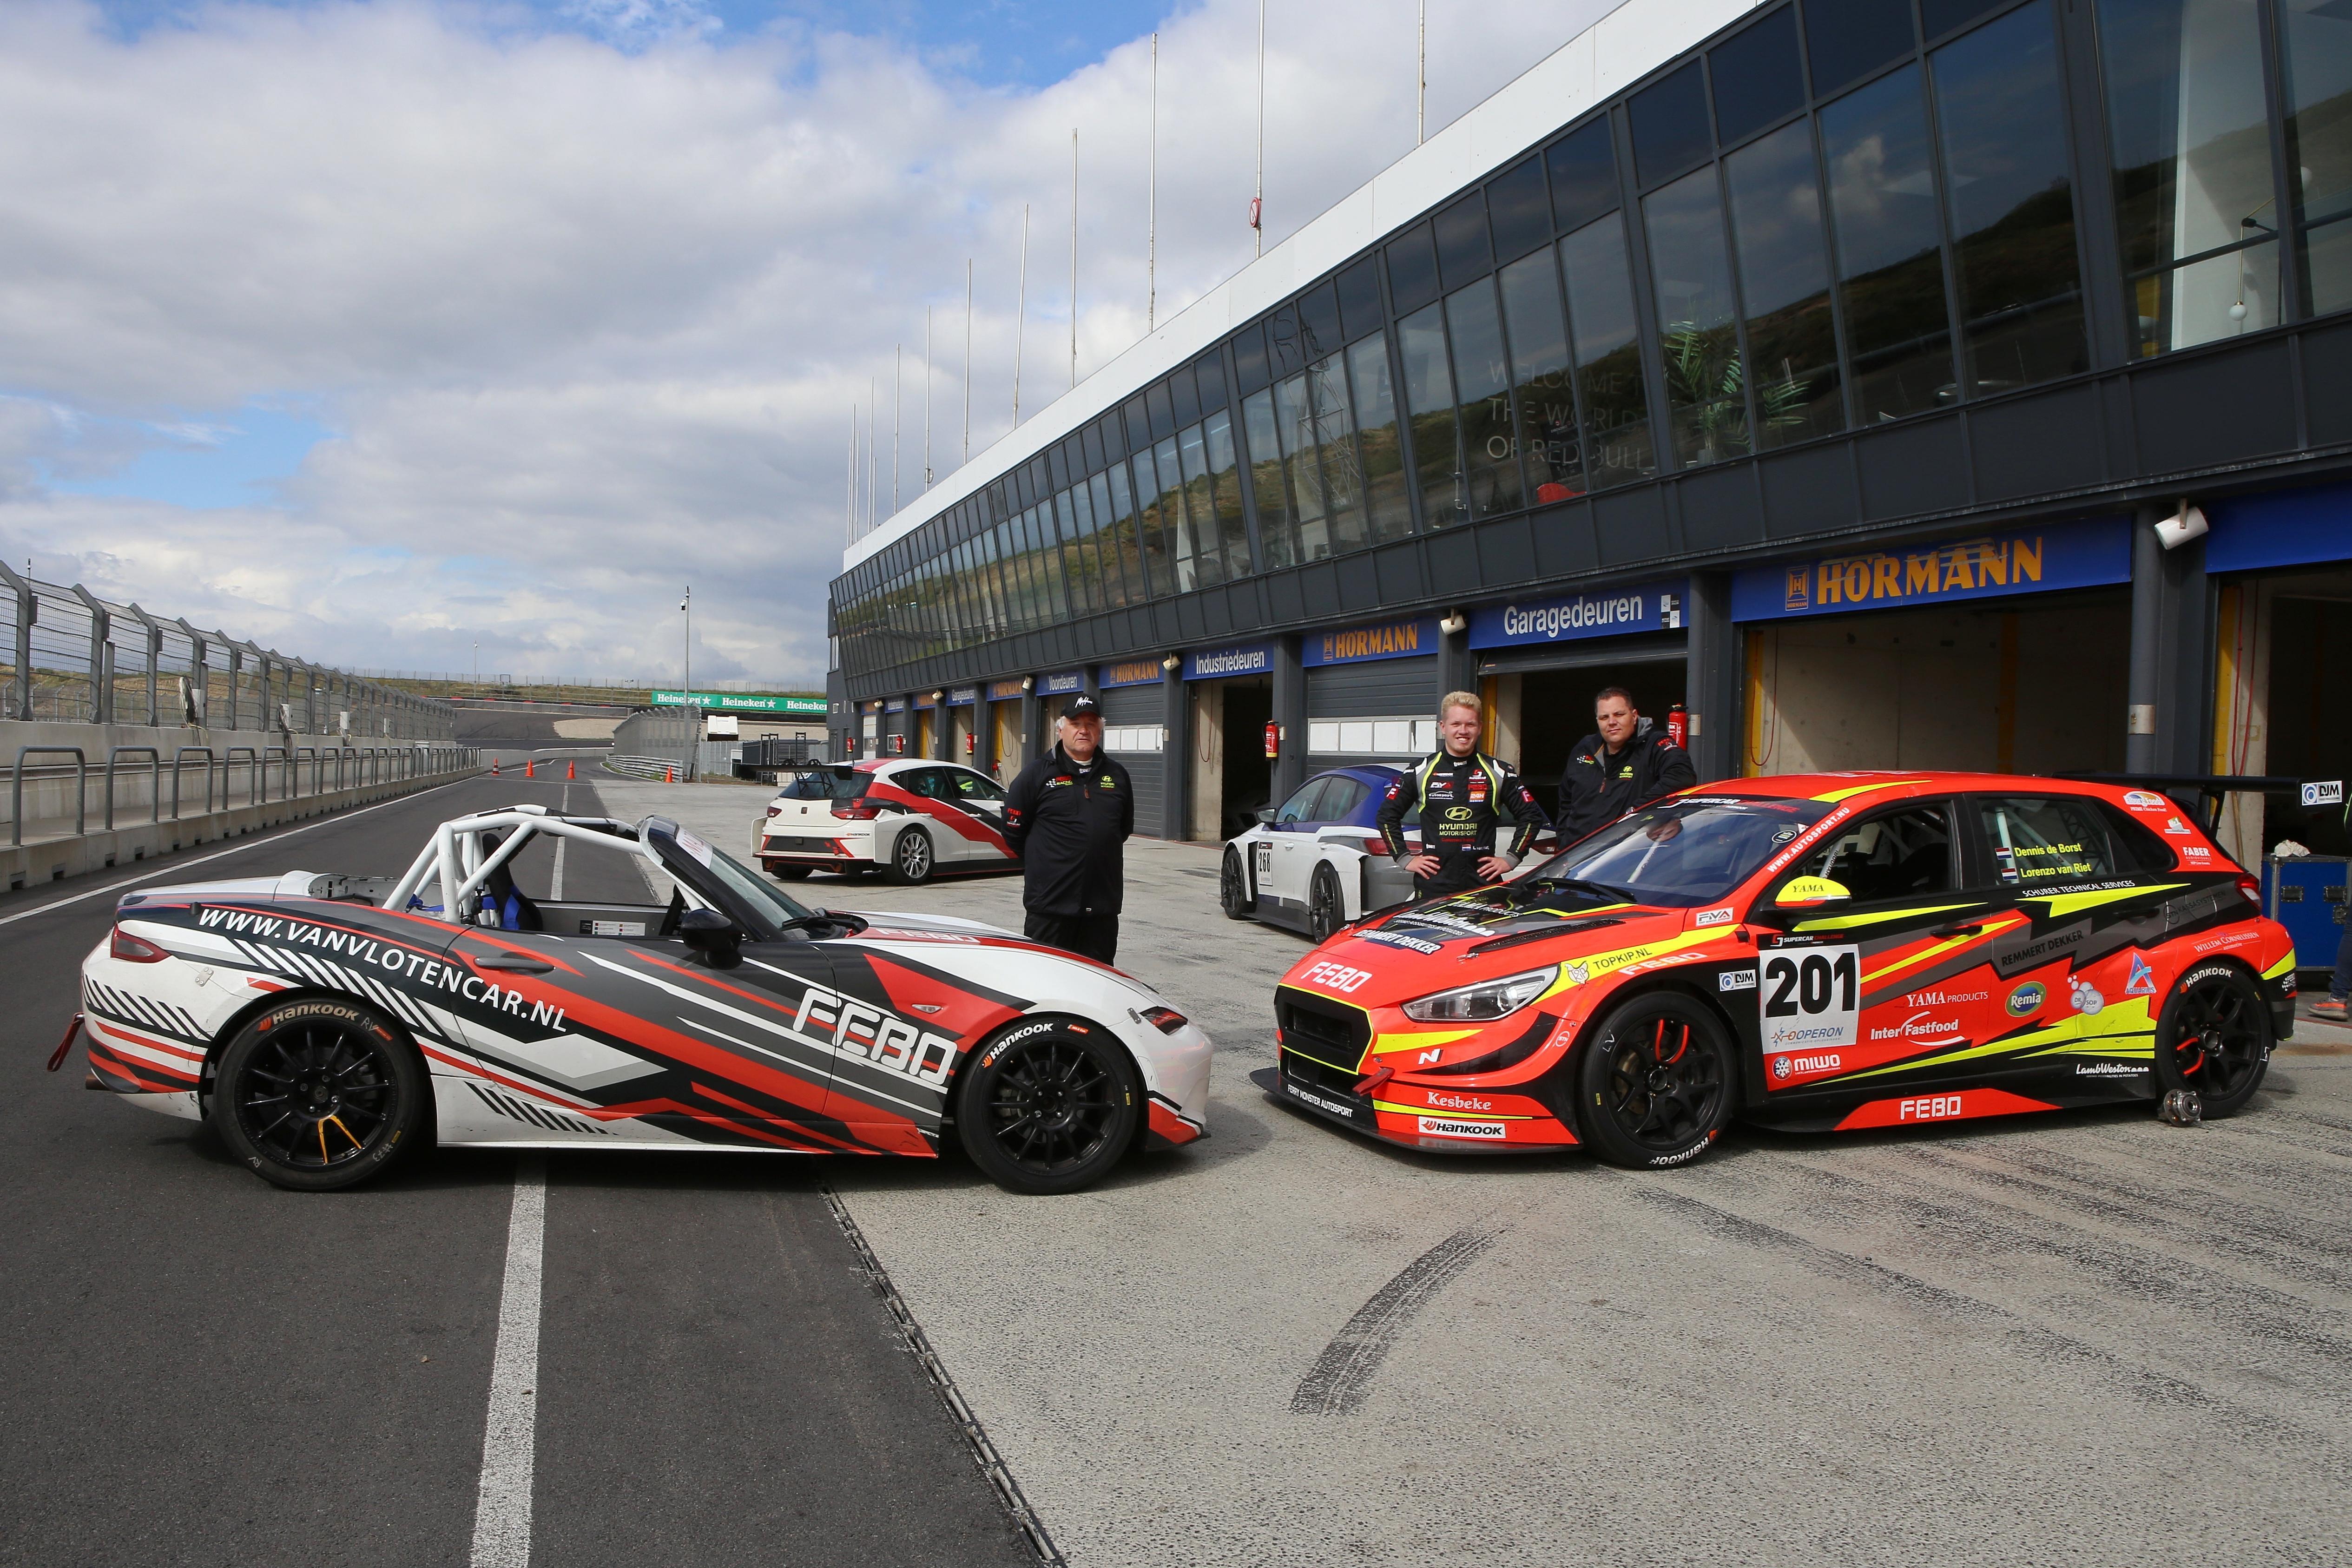 20-jarige Lorenzo van Riet gaat met zijn concurrent van vorig jaar voor de titel in de Supercar Challenge